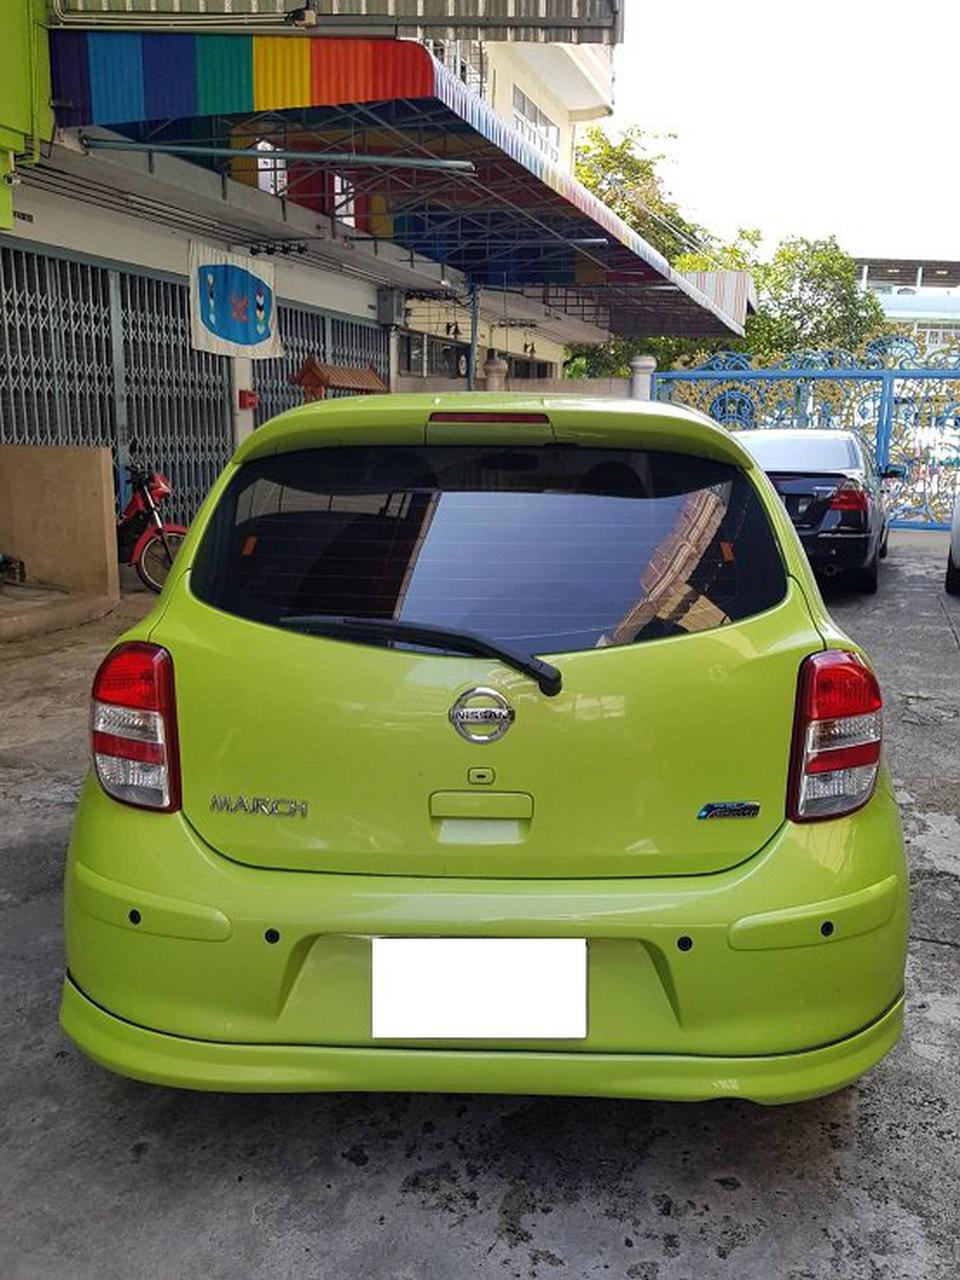 ขายรถเก๋ง Nissan March  2011 เขต ยานนาวา จังหวัด กทม. รูปที่ 2